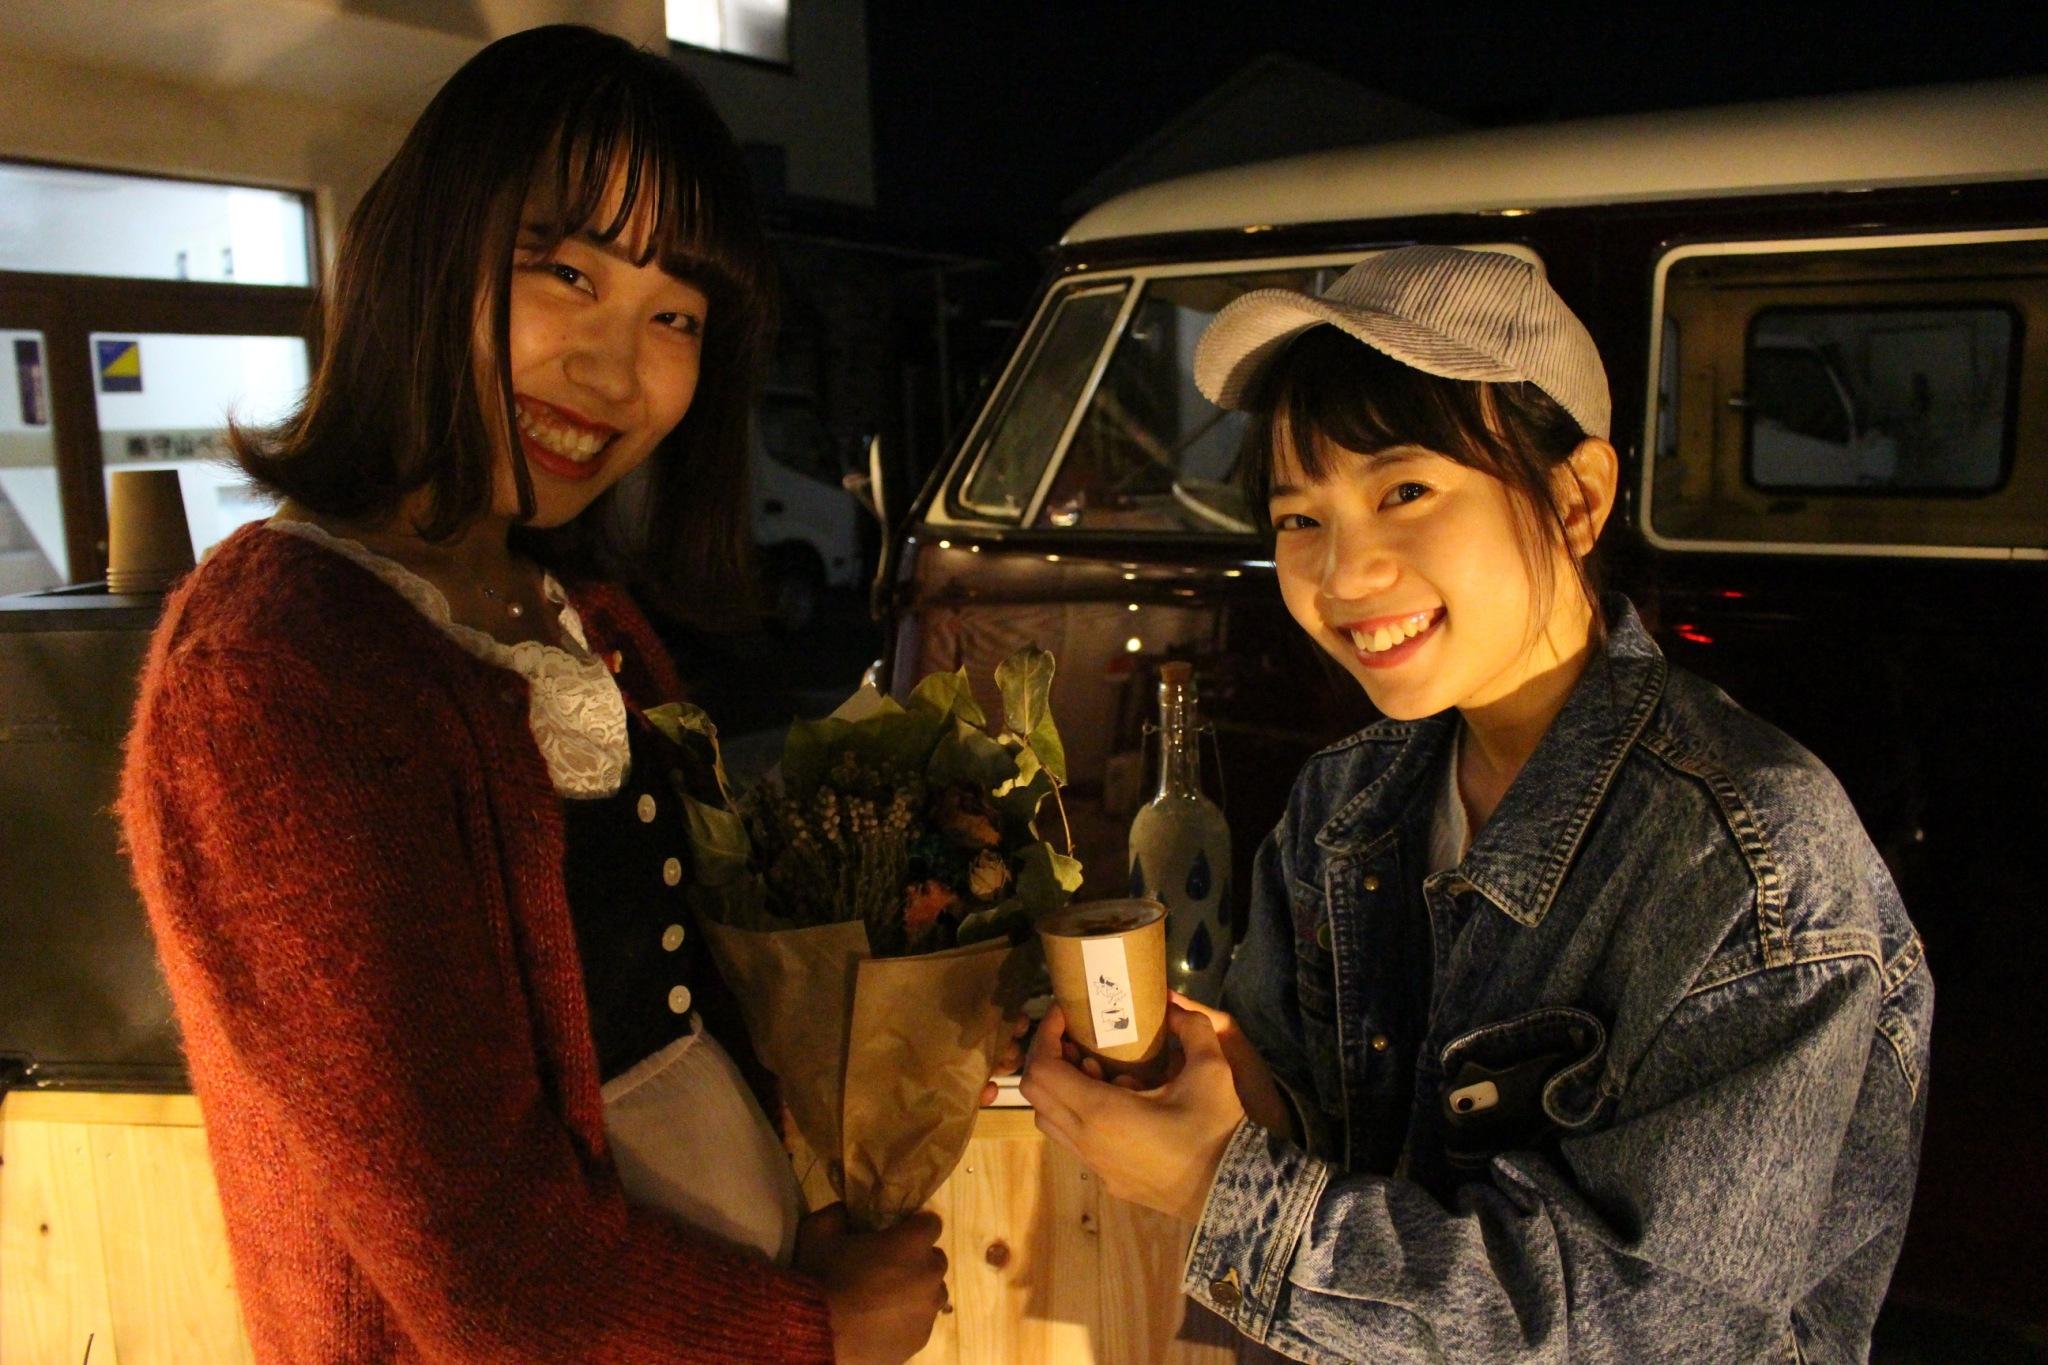 一日店長ができるカフェバーの人気おすすめランキング・比較【愛知・大阪・京都】